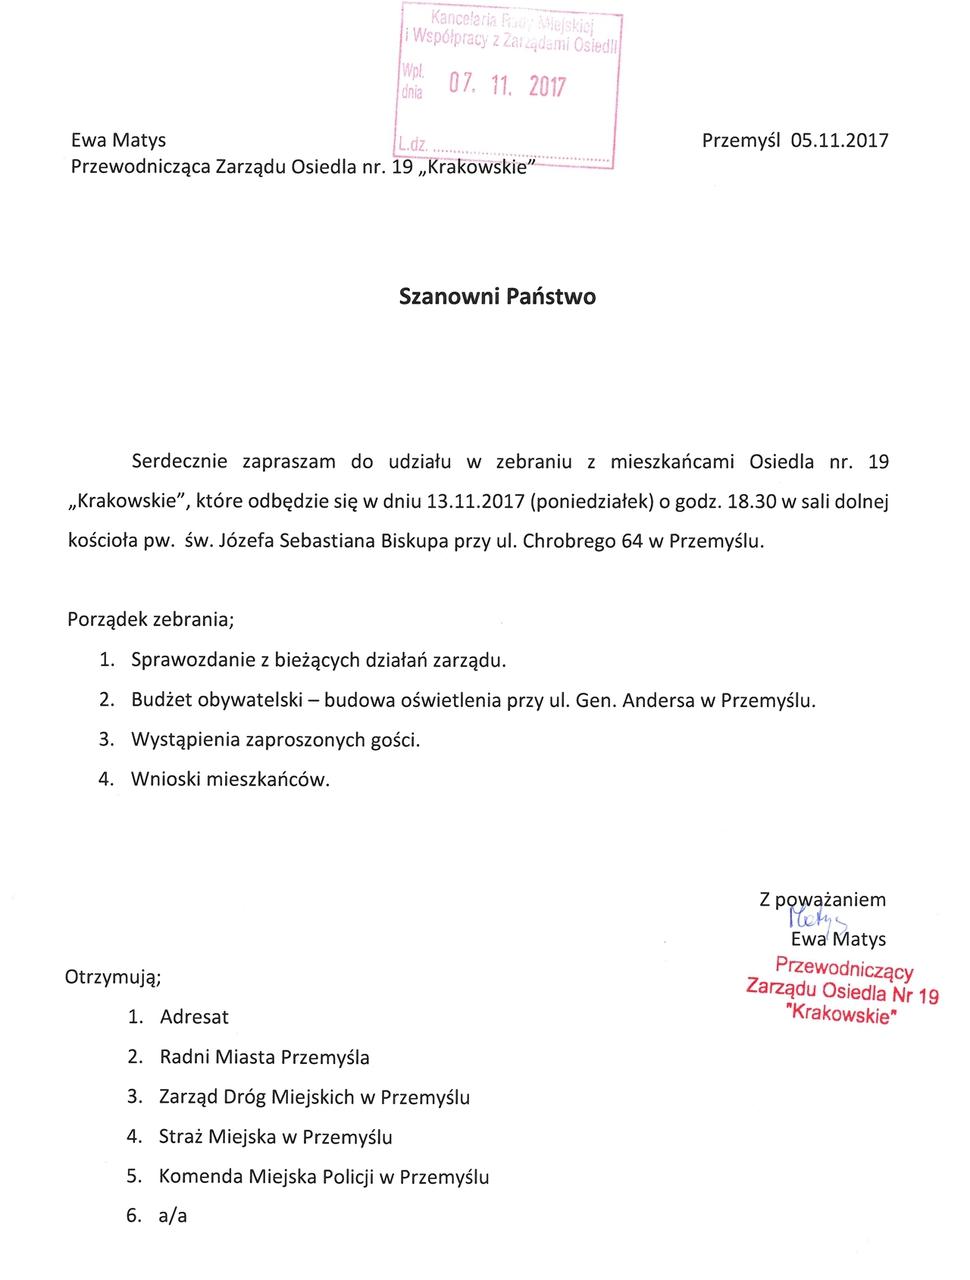 13.11.2017 - Zaproszenie Z.O. Nr 19 Krakowskie.jpeg